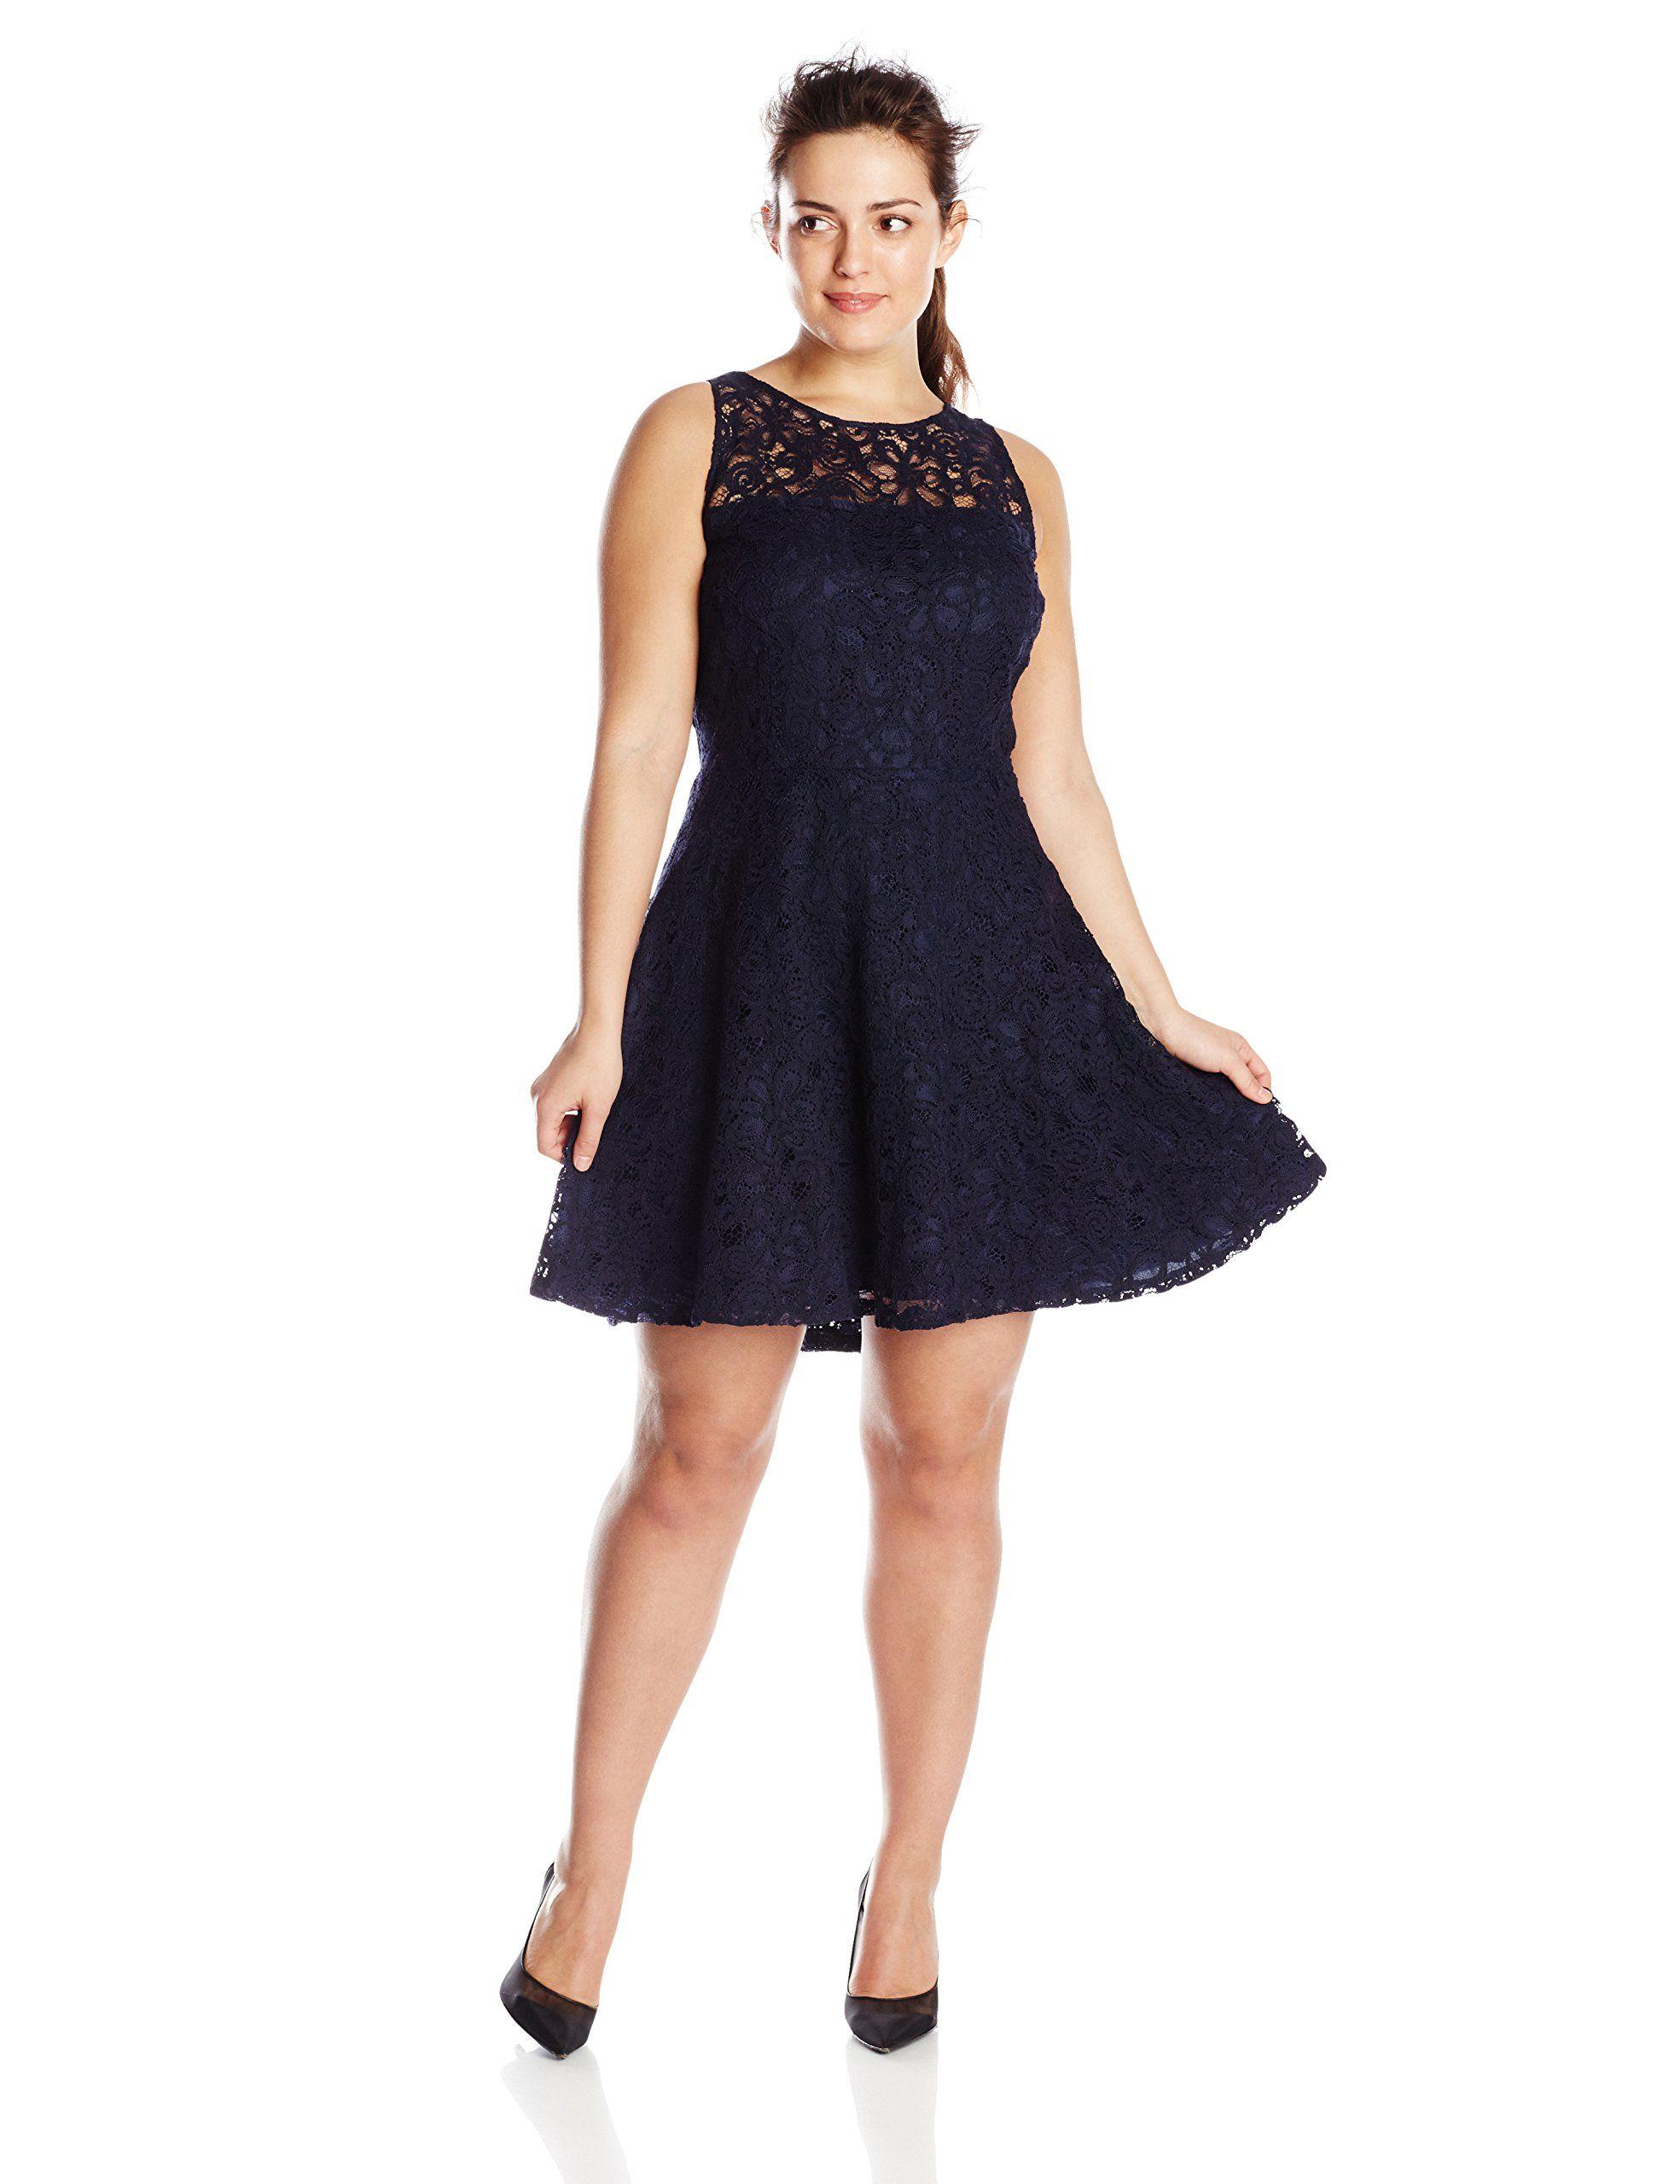 Bb dakota womenus chance lace racerback dress at amazon womenus